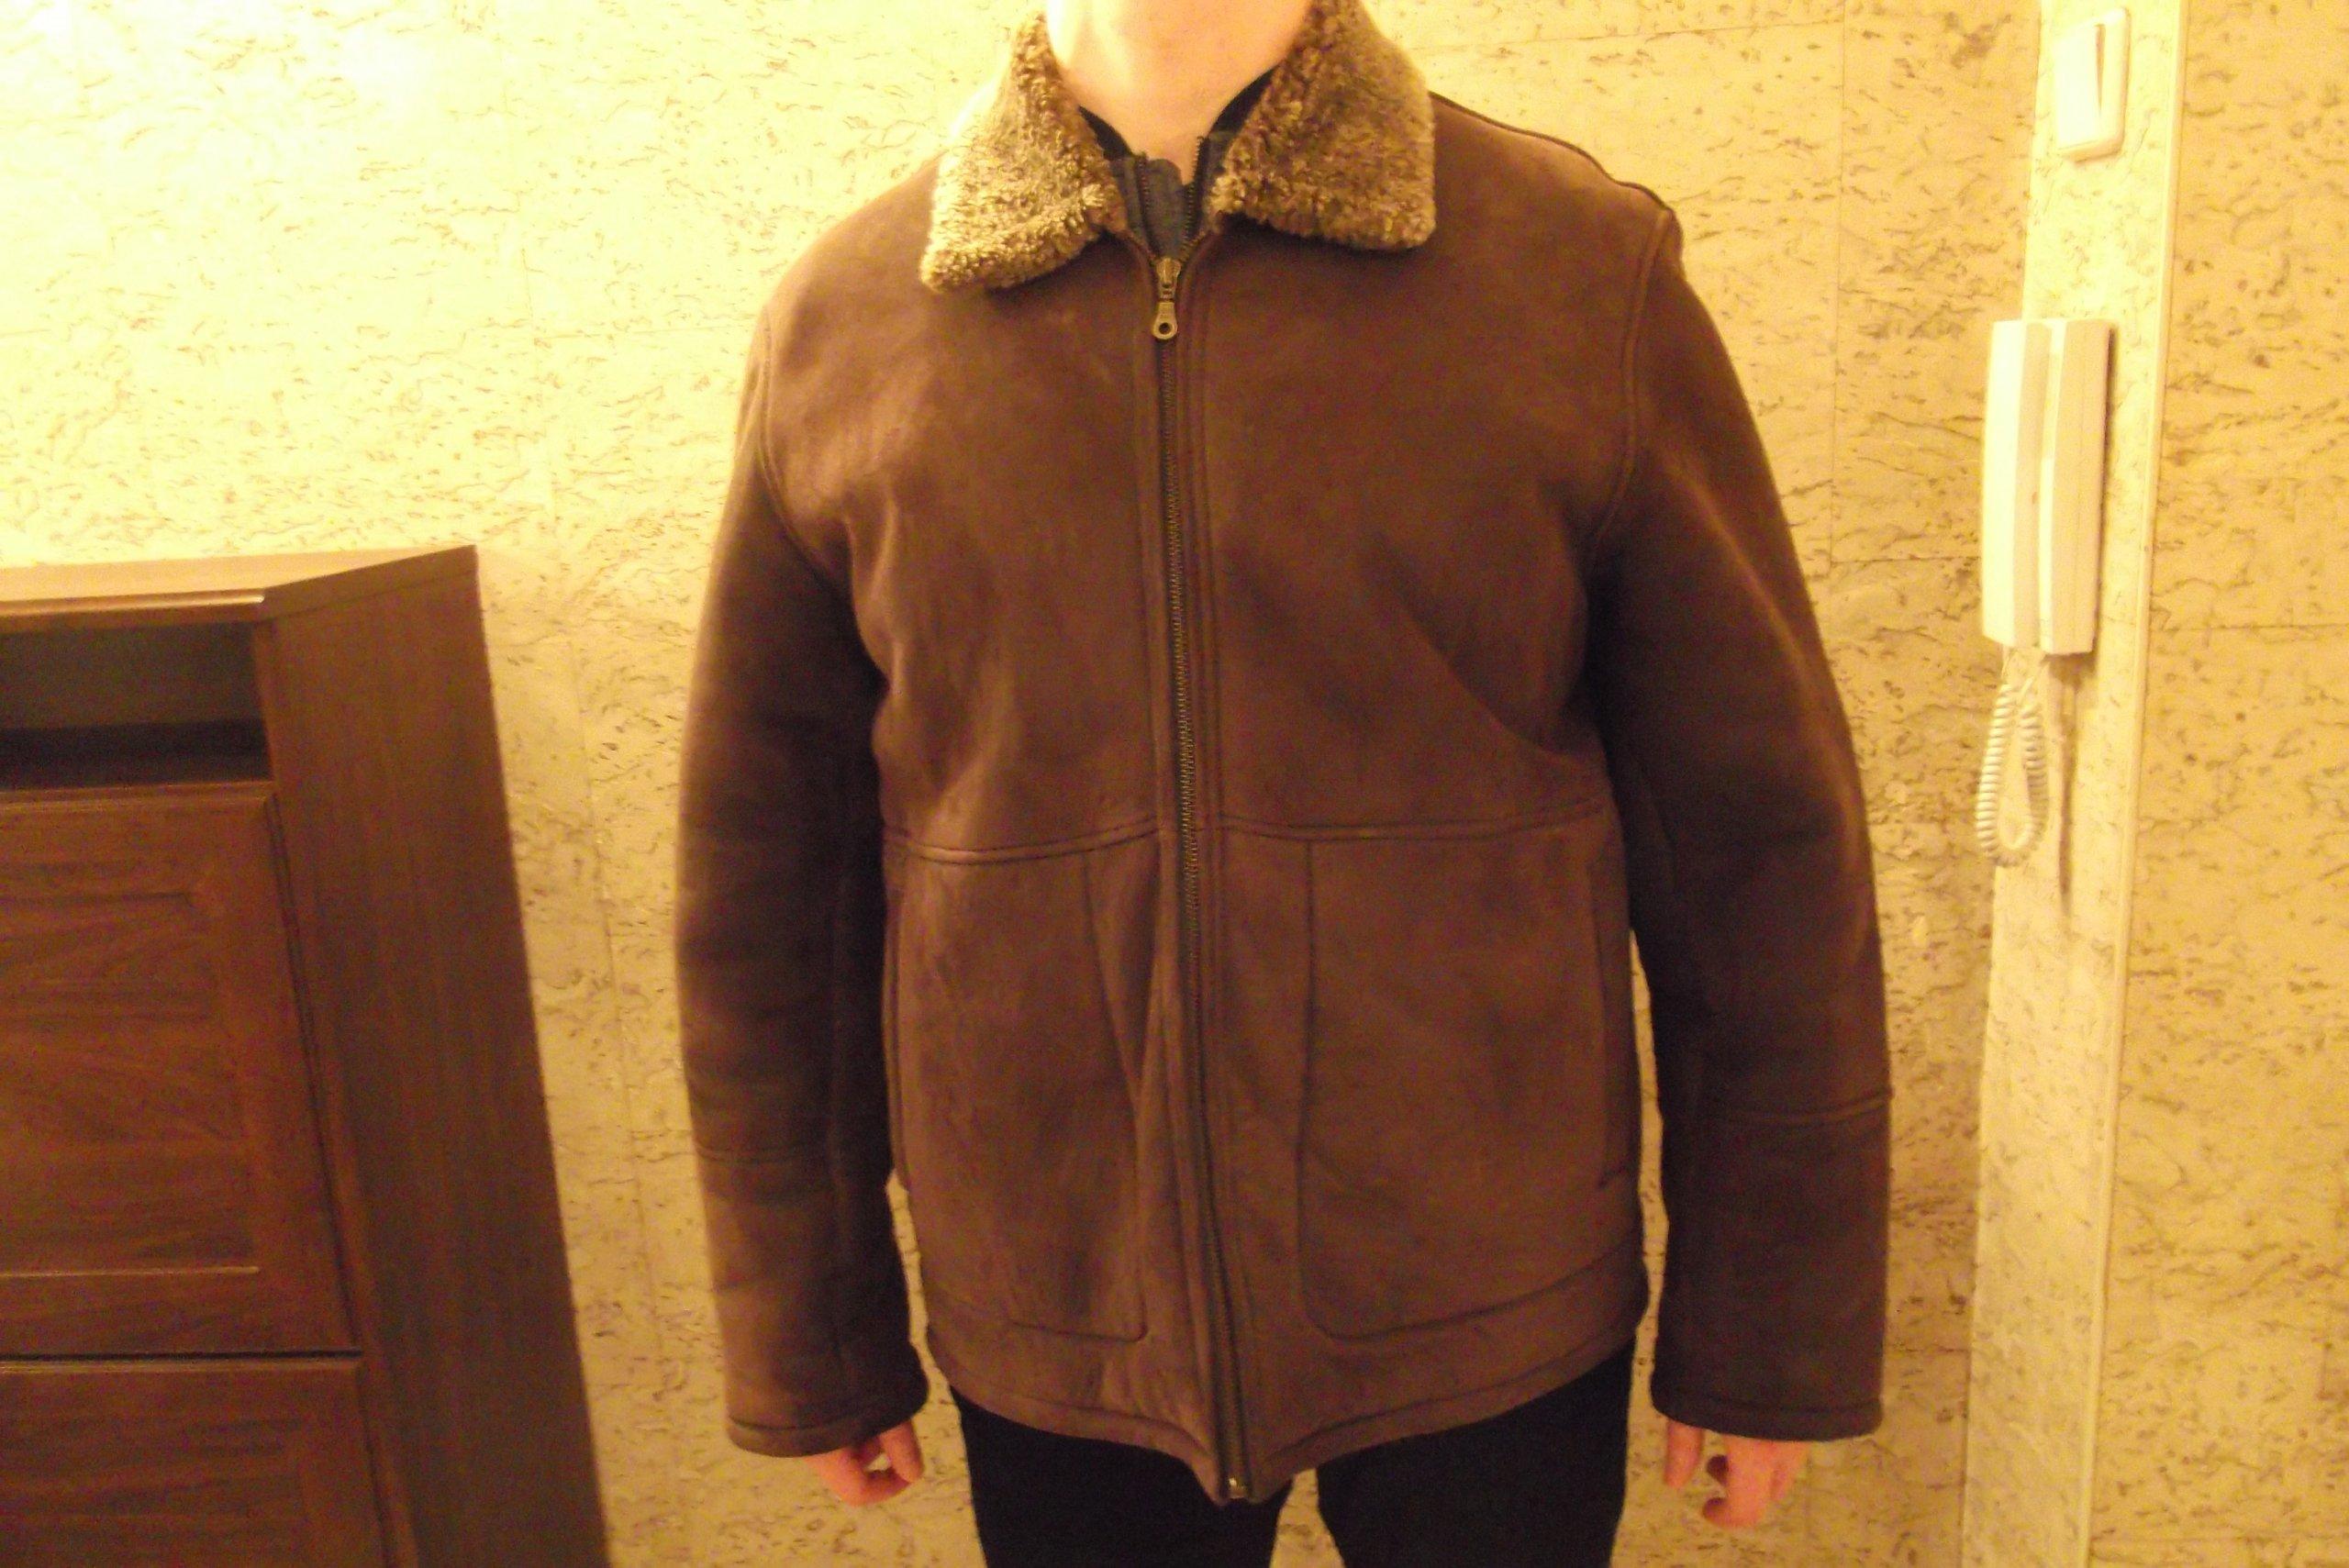 5003bde9e4bbc Kurtka skórzana kożuch męski rozmiar 52 - 7109244789 - oficjalne ...